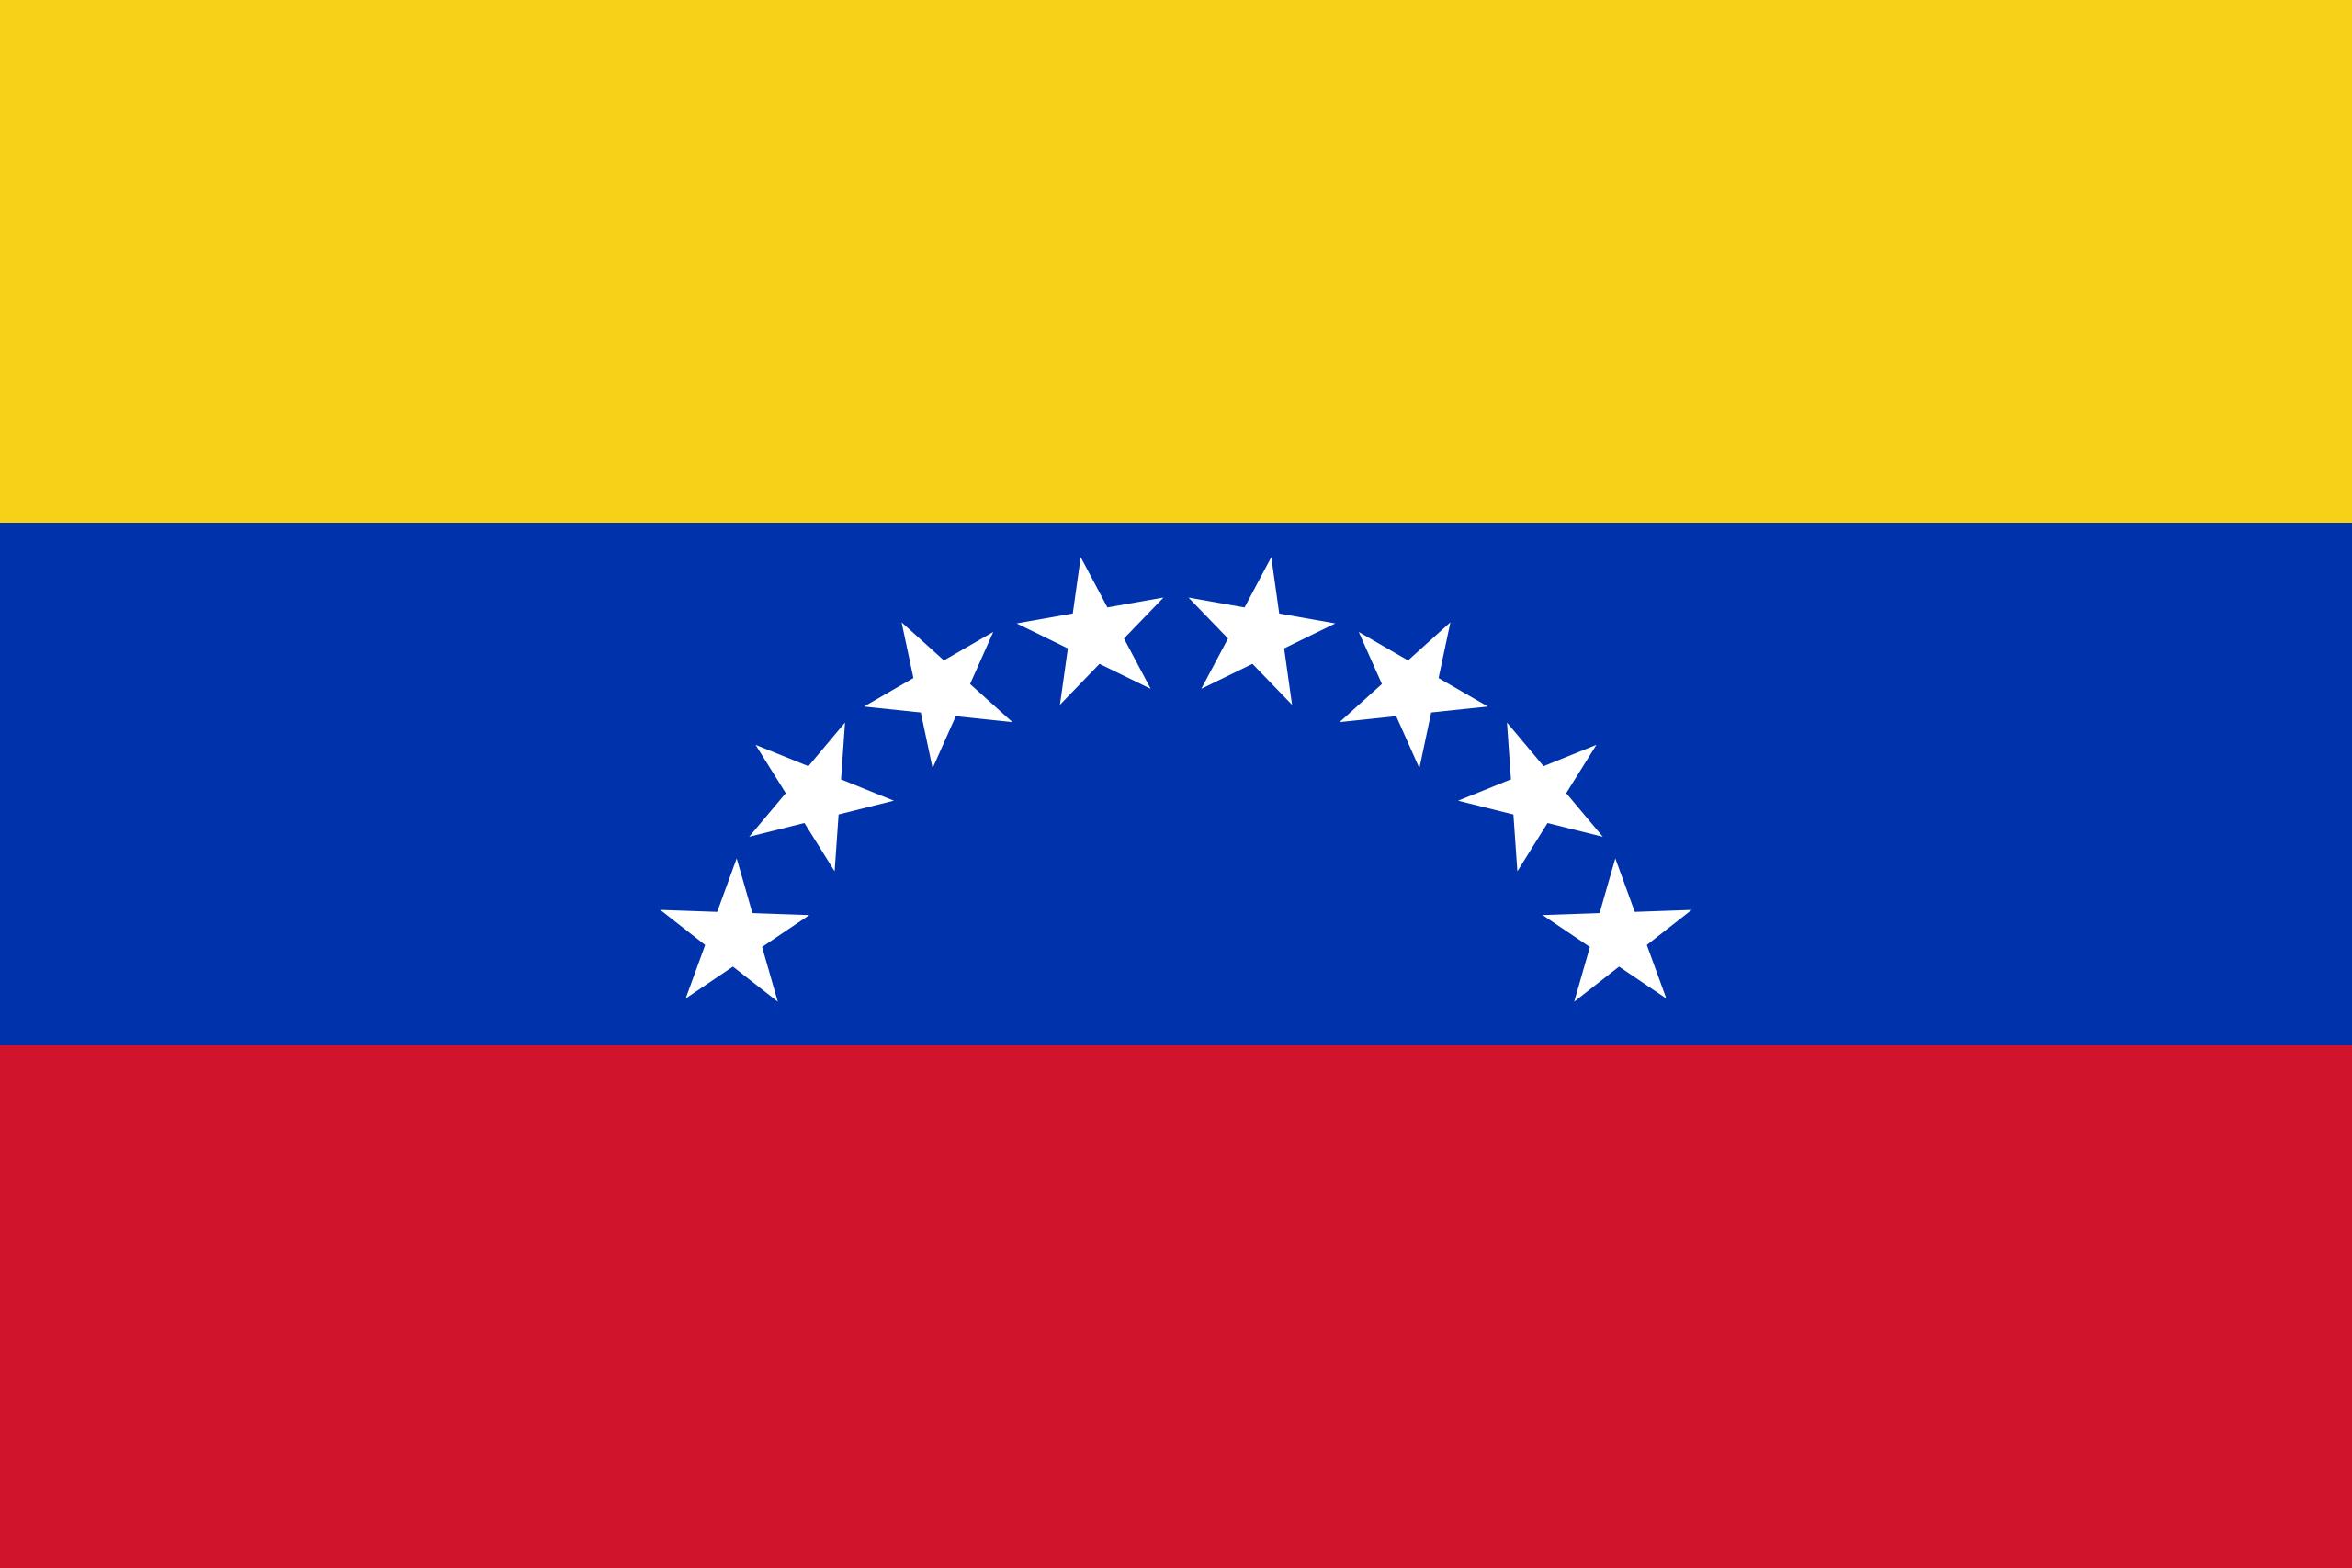 venezuela, país, Brasão de armas, logotipo, símbolo - Papéis de parede HD - Professor-falken.com